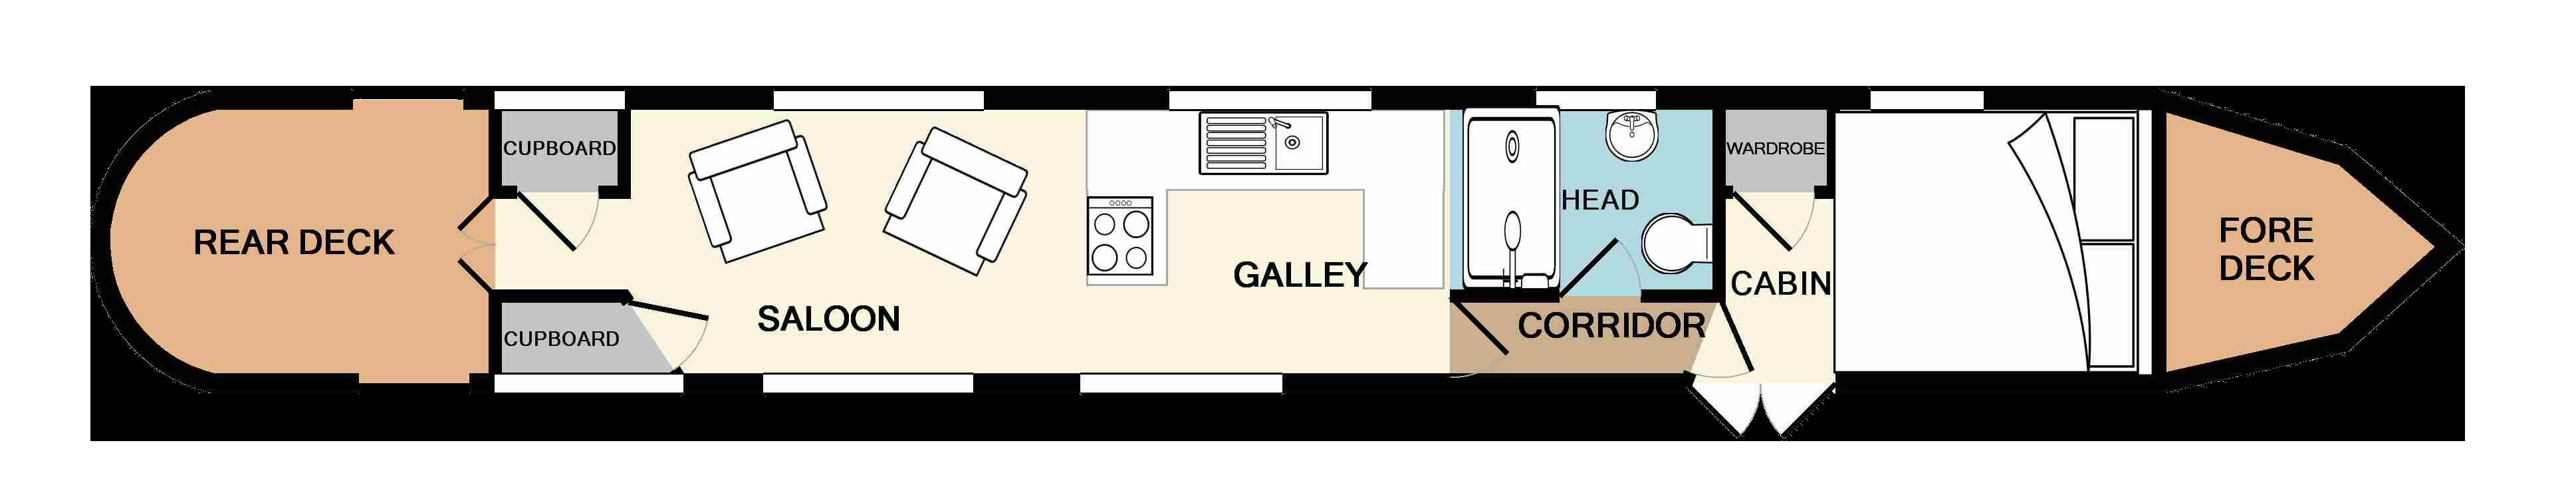 Casanova layout 1